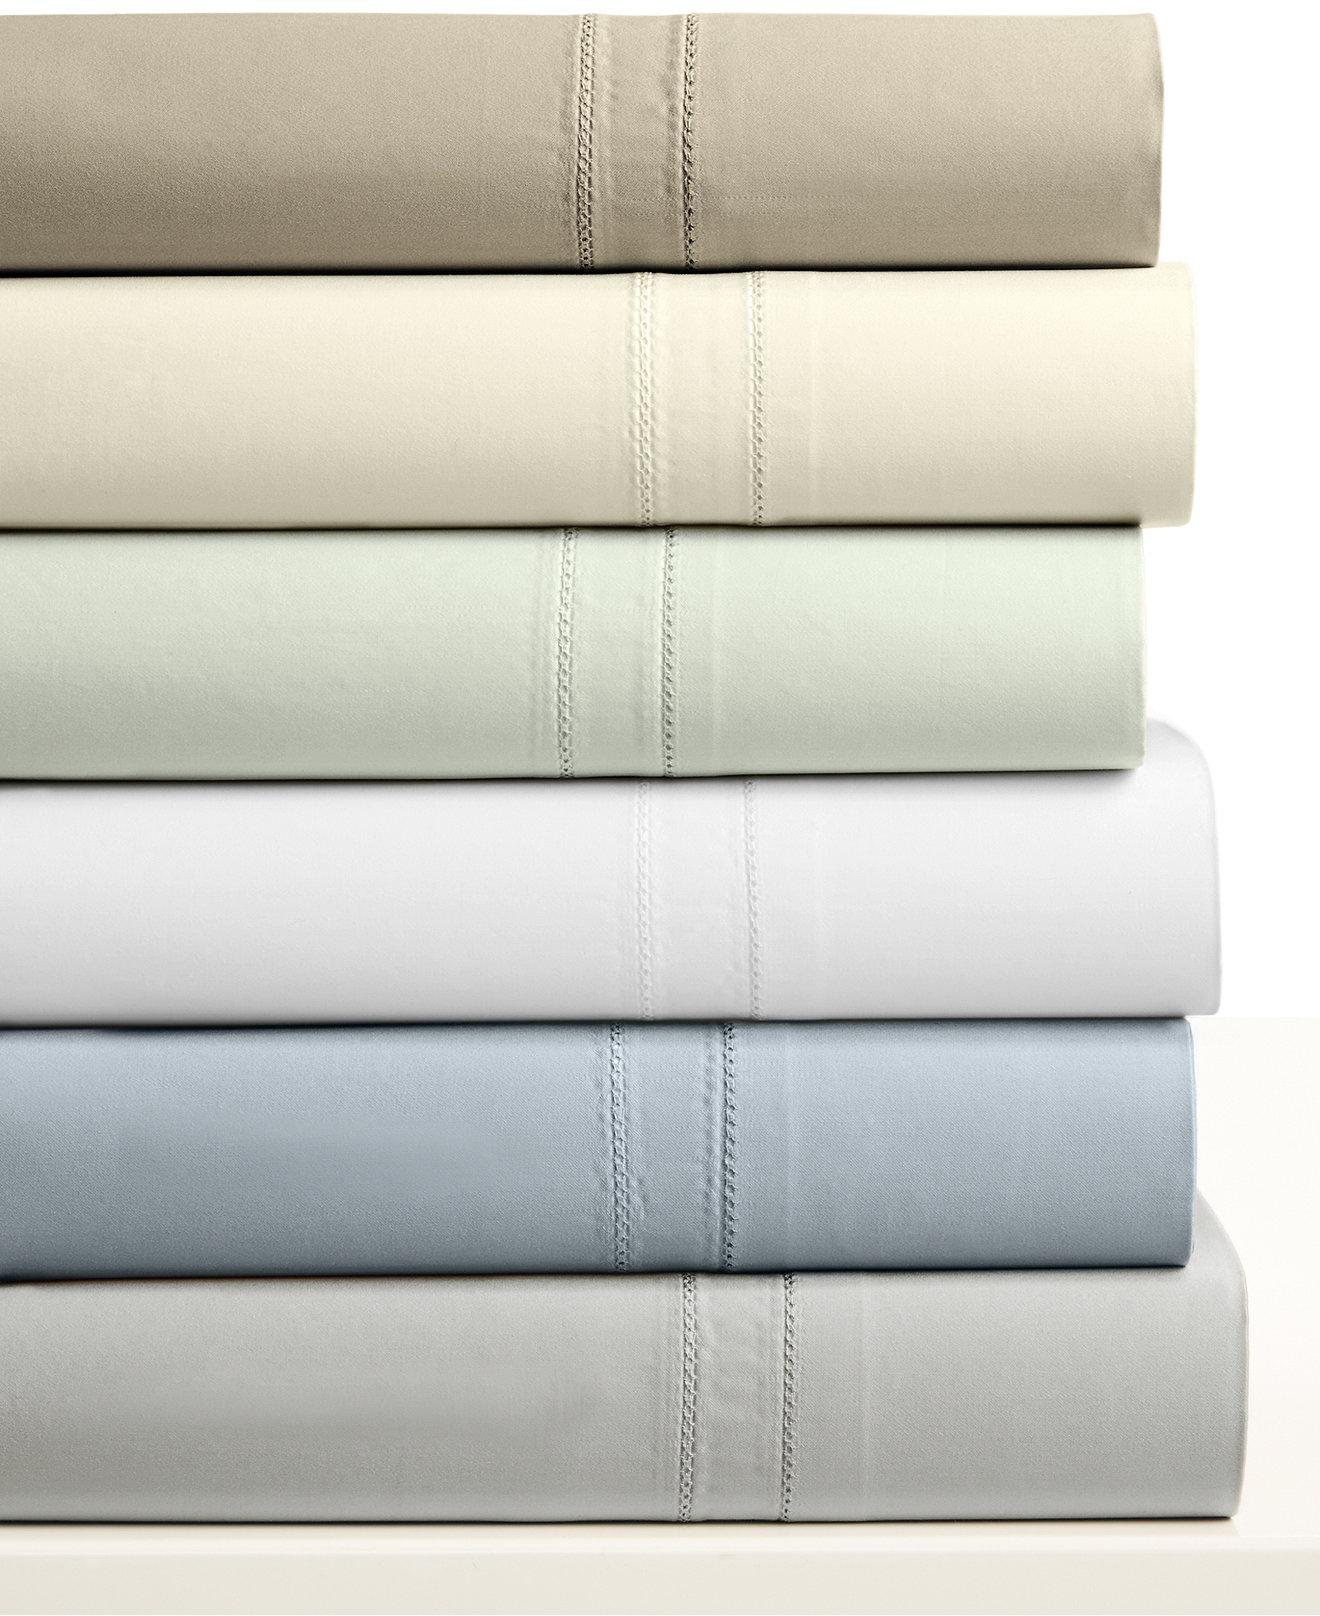 Fieldcrest Coverlet | Fieldcrest Rn17730 | Fieldcrest Luxury Sheets